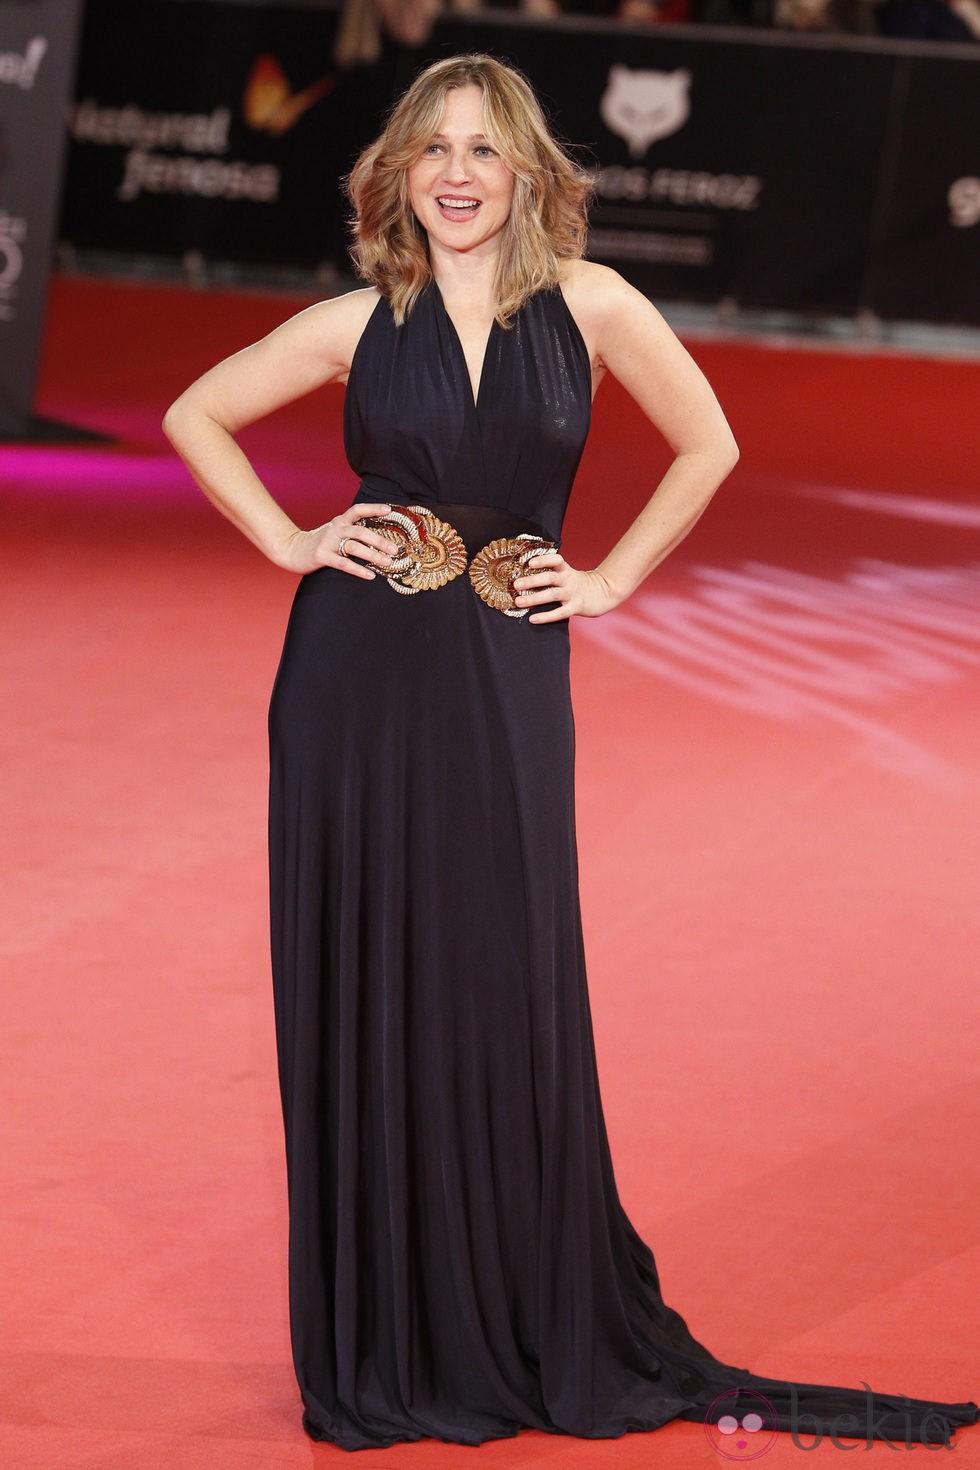 Pilar Castro en la alfombra roja de los Premios Feroz 2014